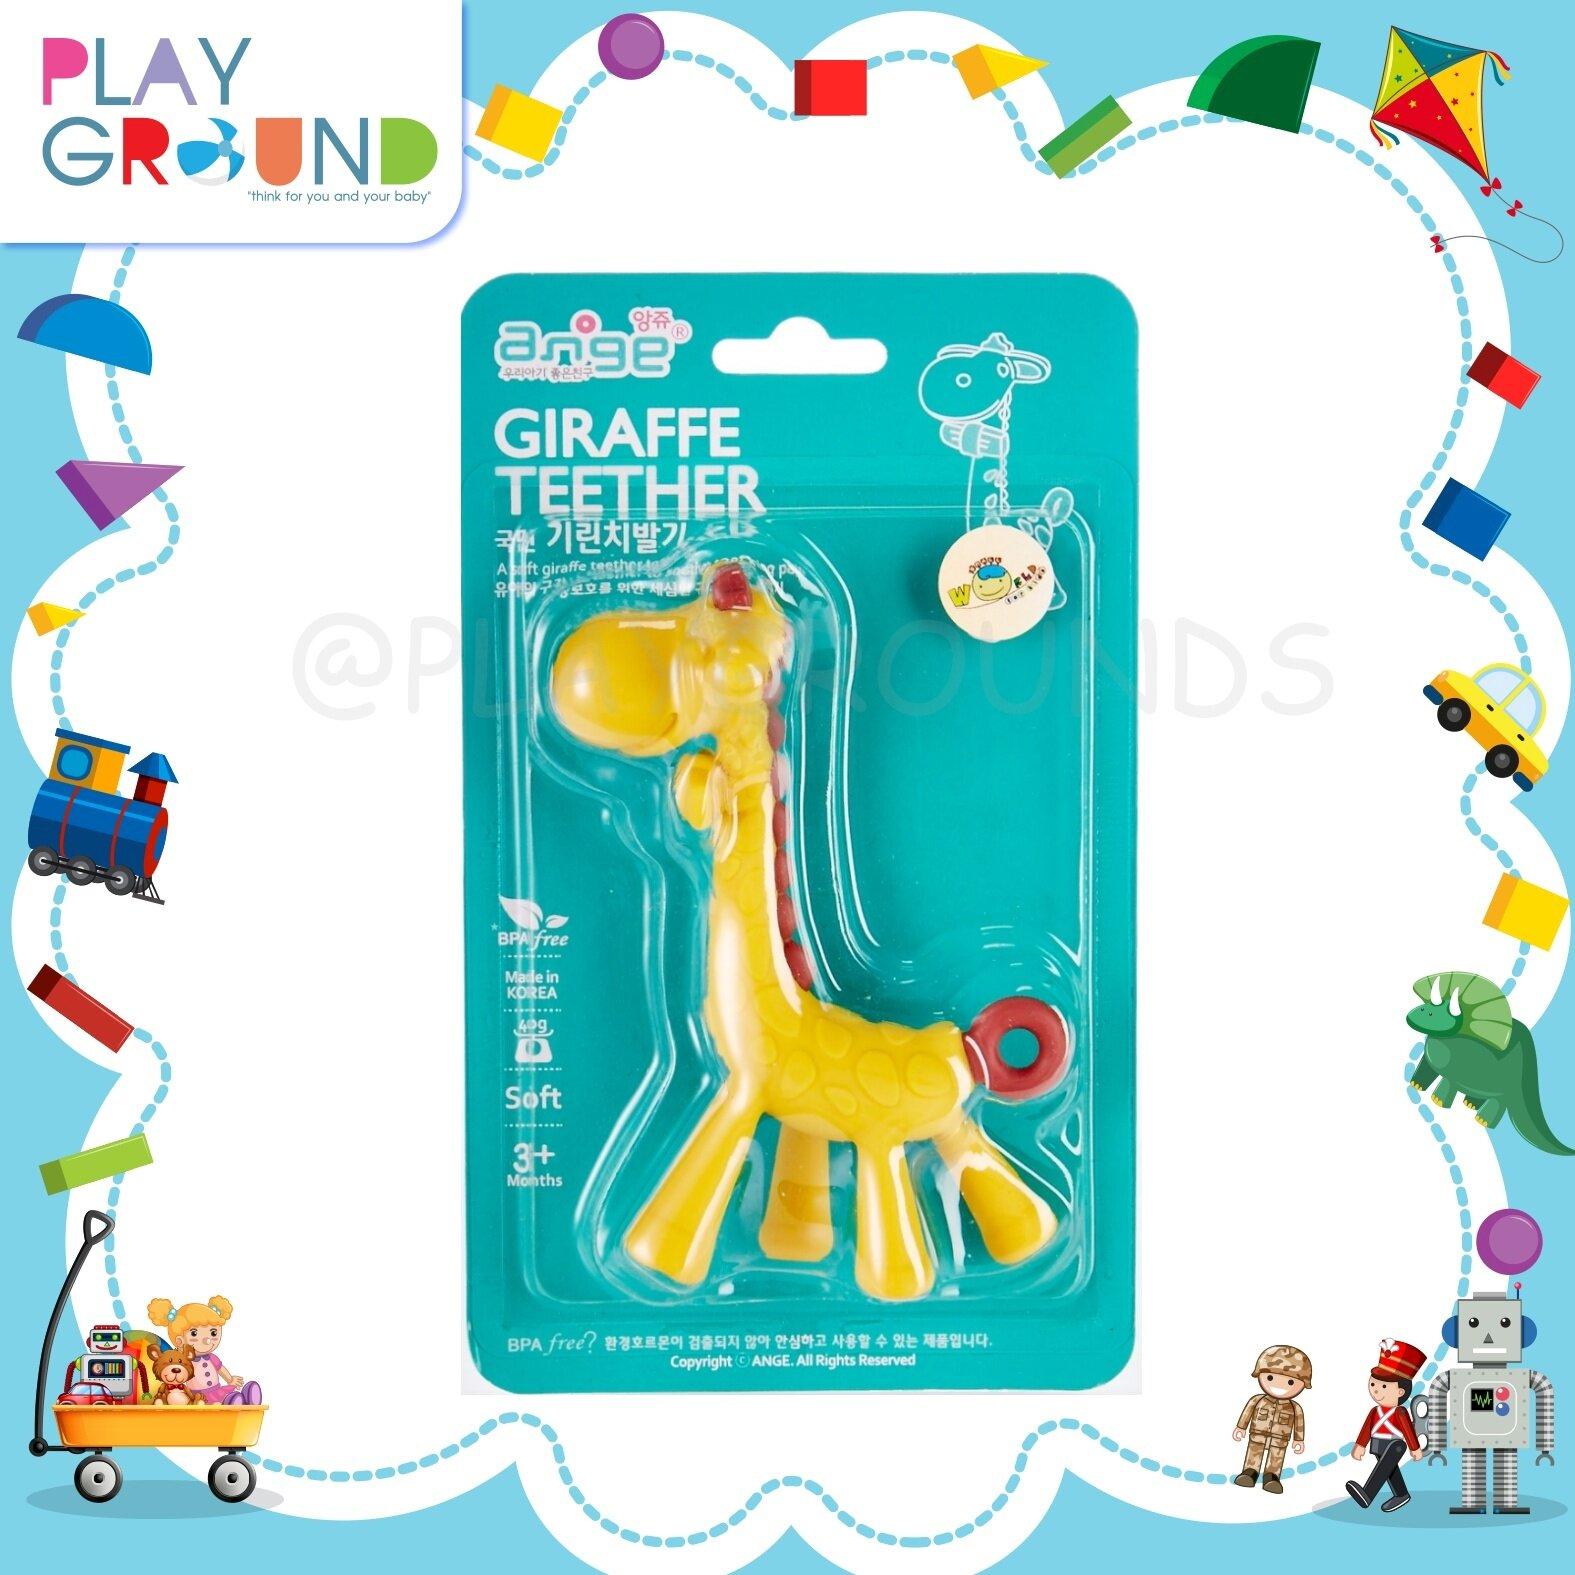 ราคา Ange อังจู ยางกัดเกาหลีรูปยีราฟ Ange the giraffe